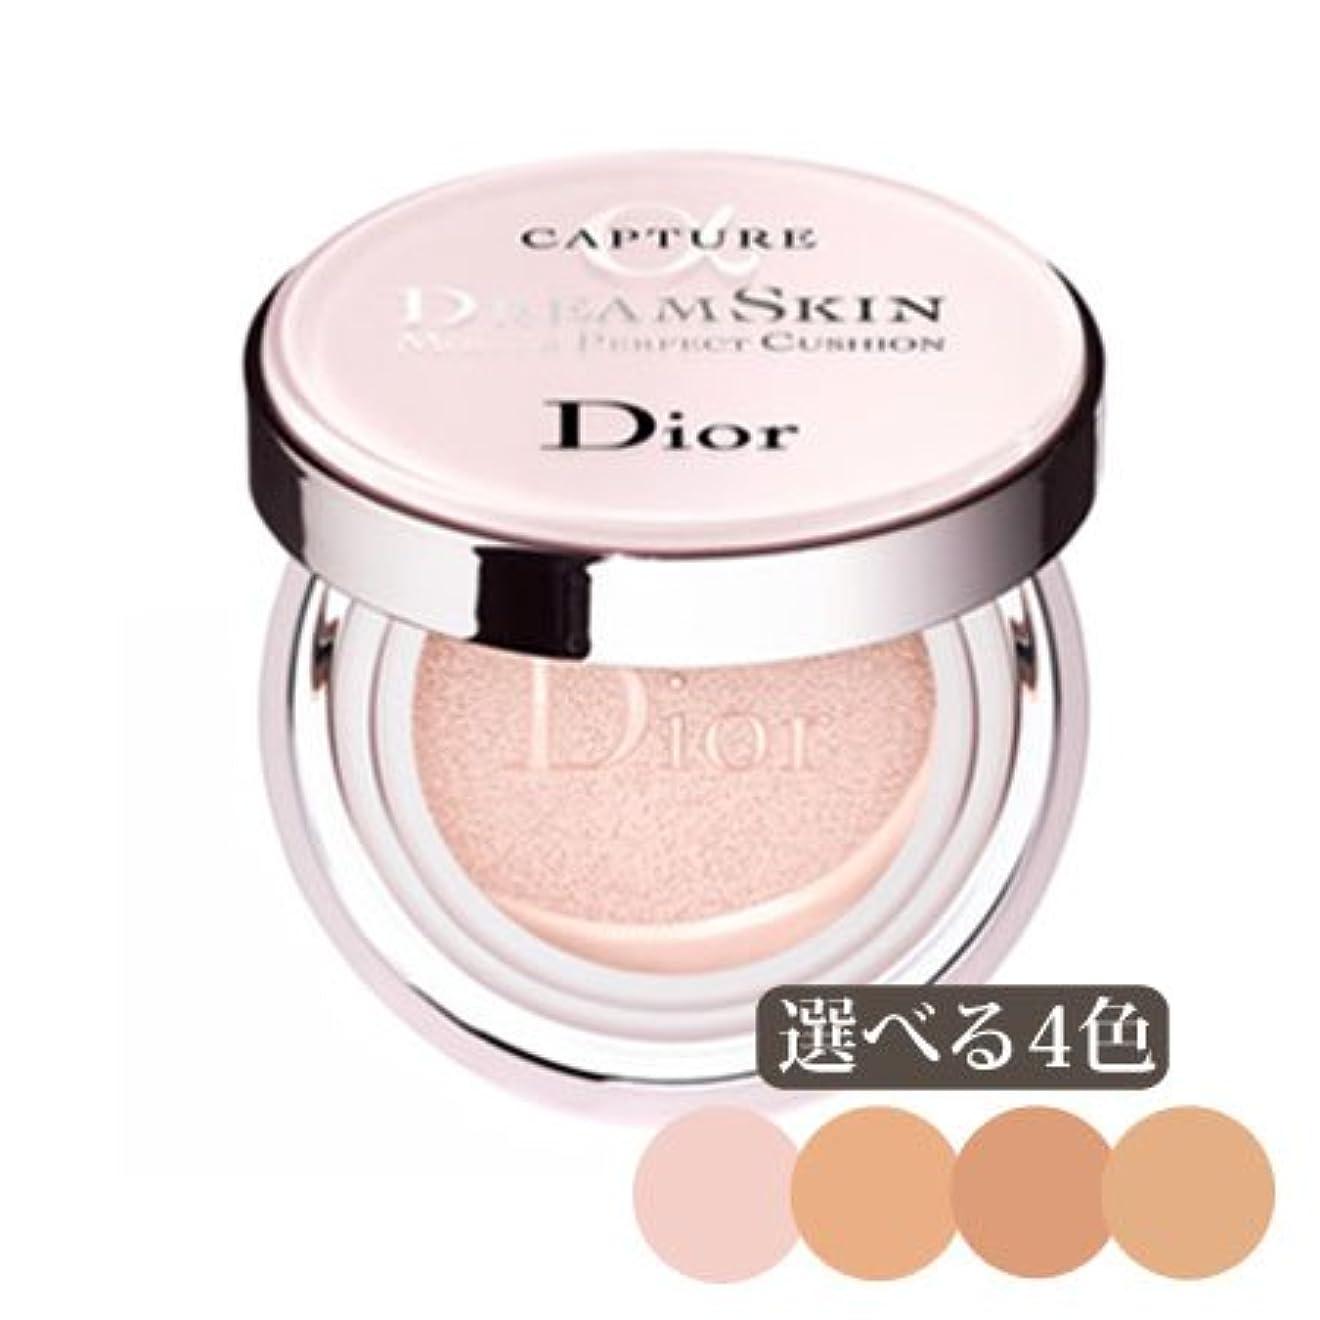 パックインチ太鼓腹ディオール カプチュール ドリームスキン モイスト クッション 選べる4色 -Dior- 010